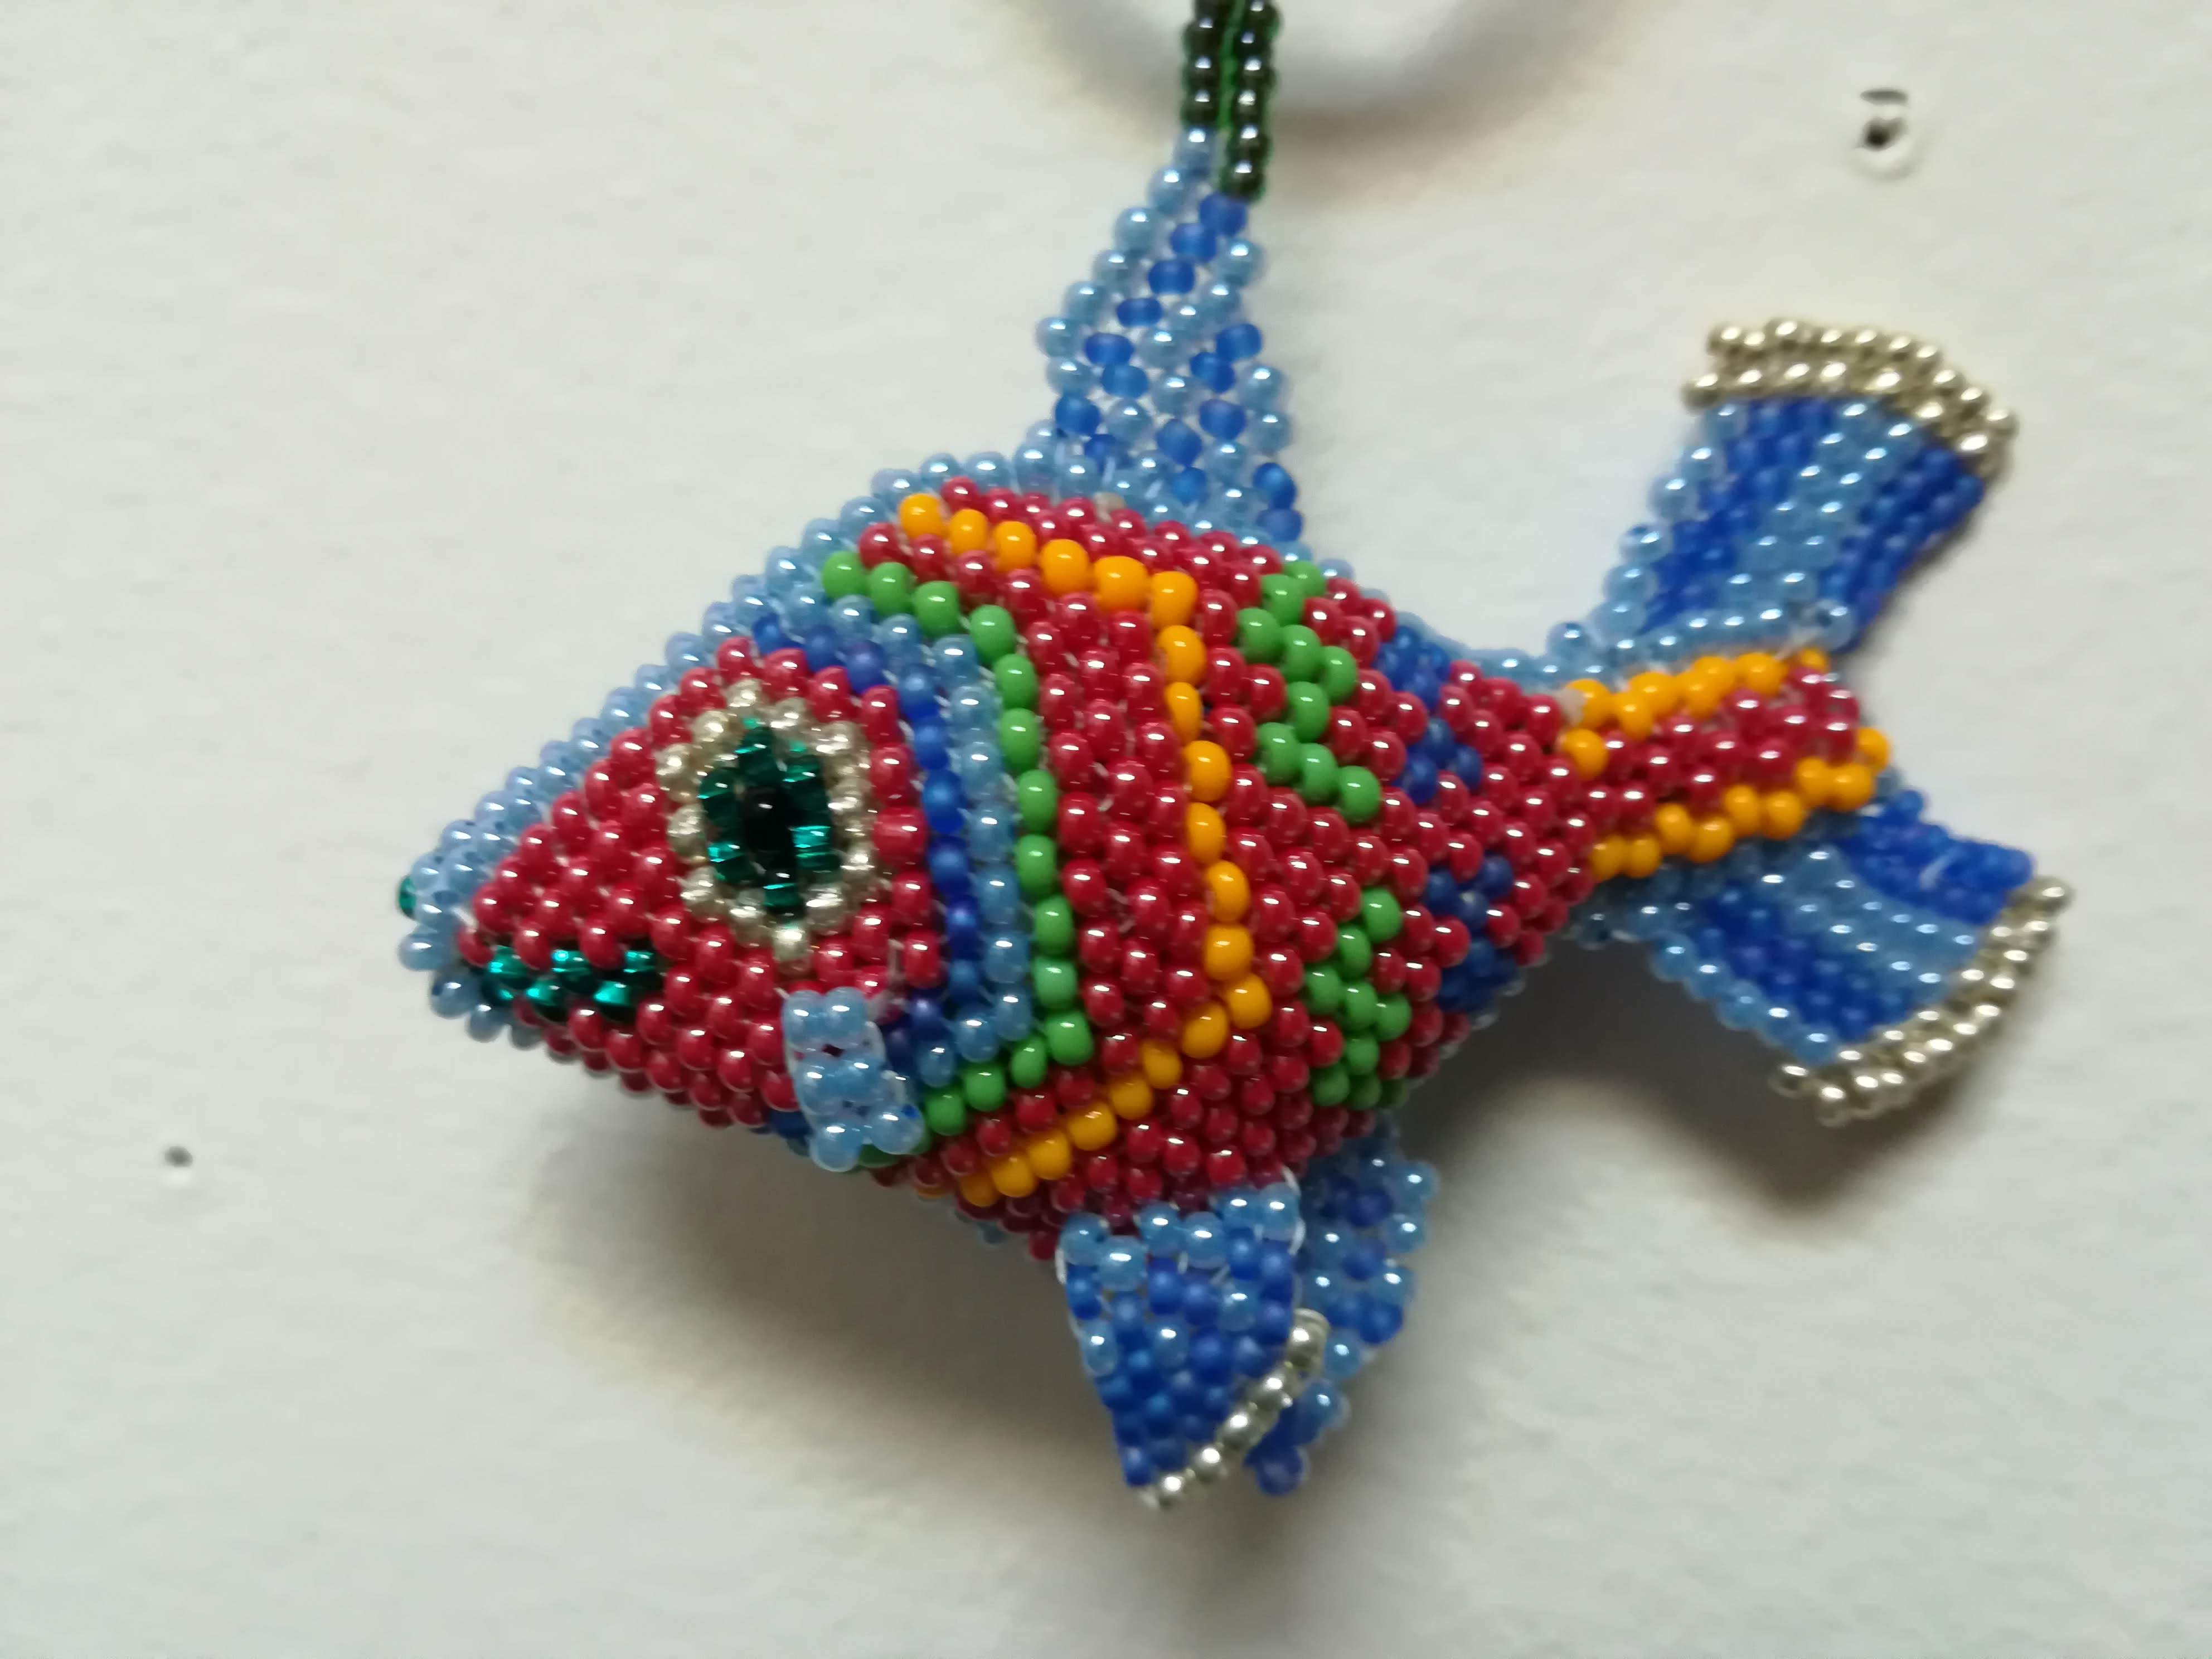 Porte-clés Poisson/Fish Key Chain